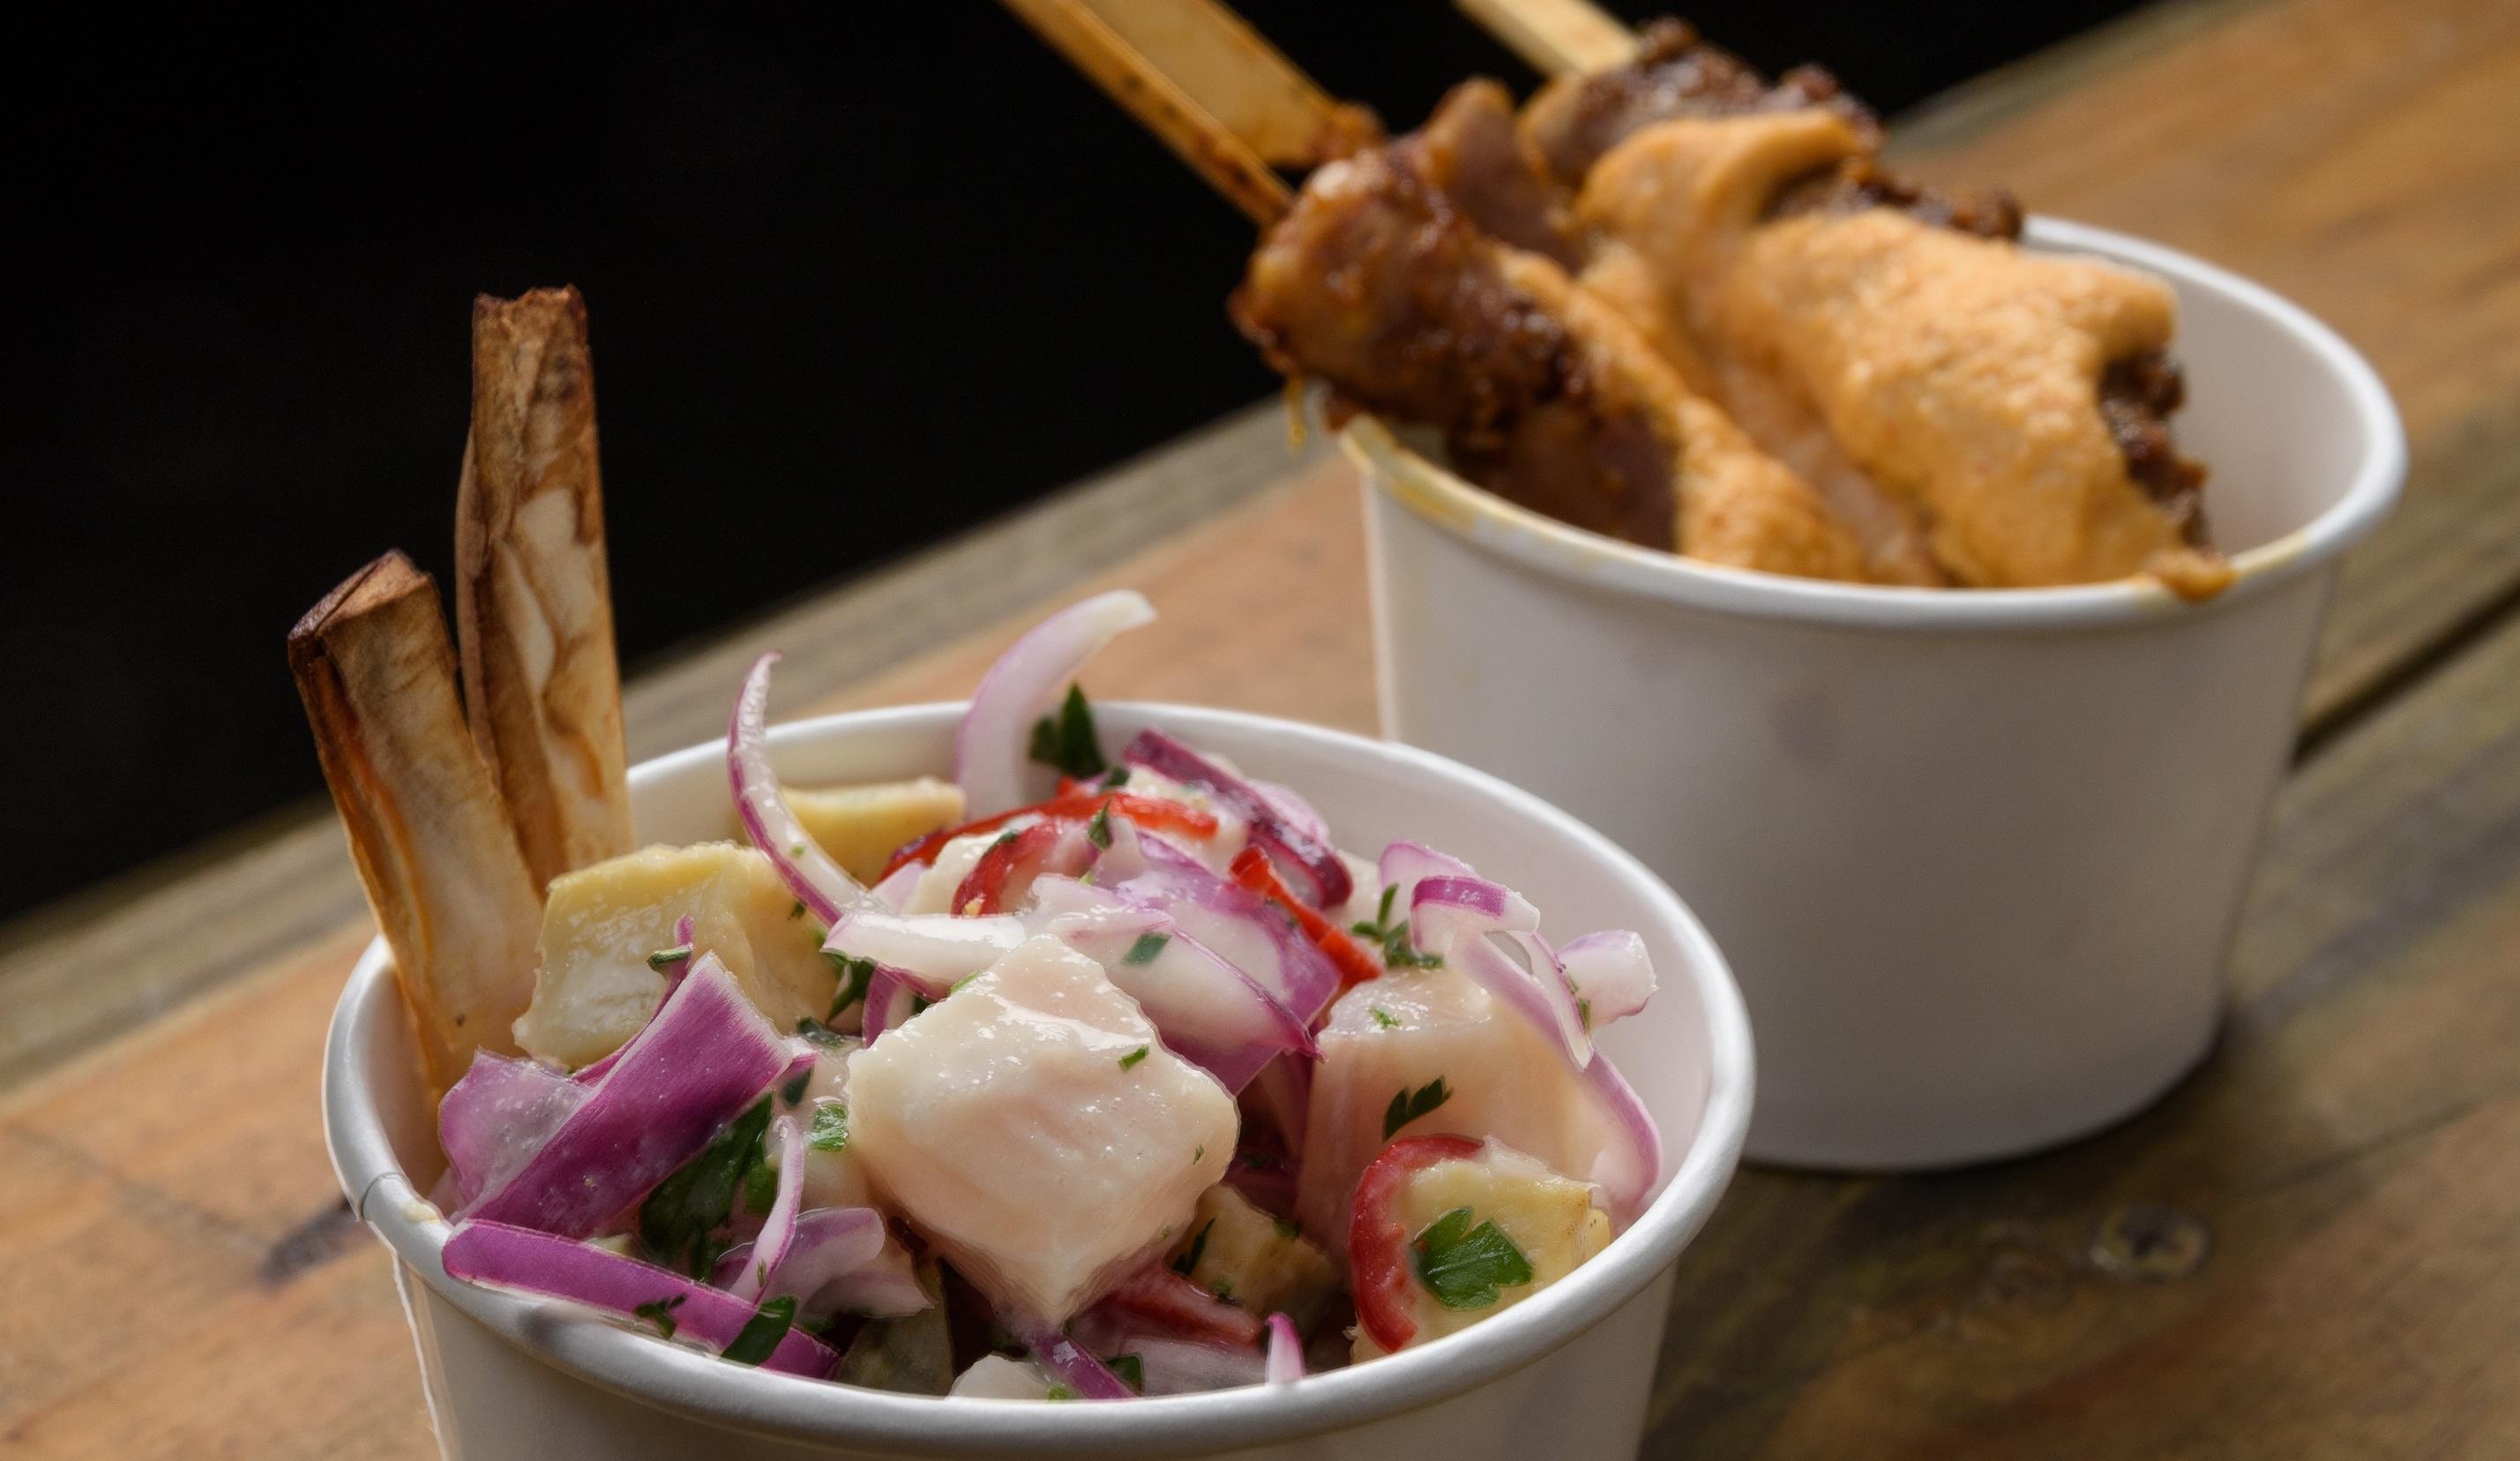 Com novidades no menu, Comedoria Gonzales passa a funcionar no jantar